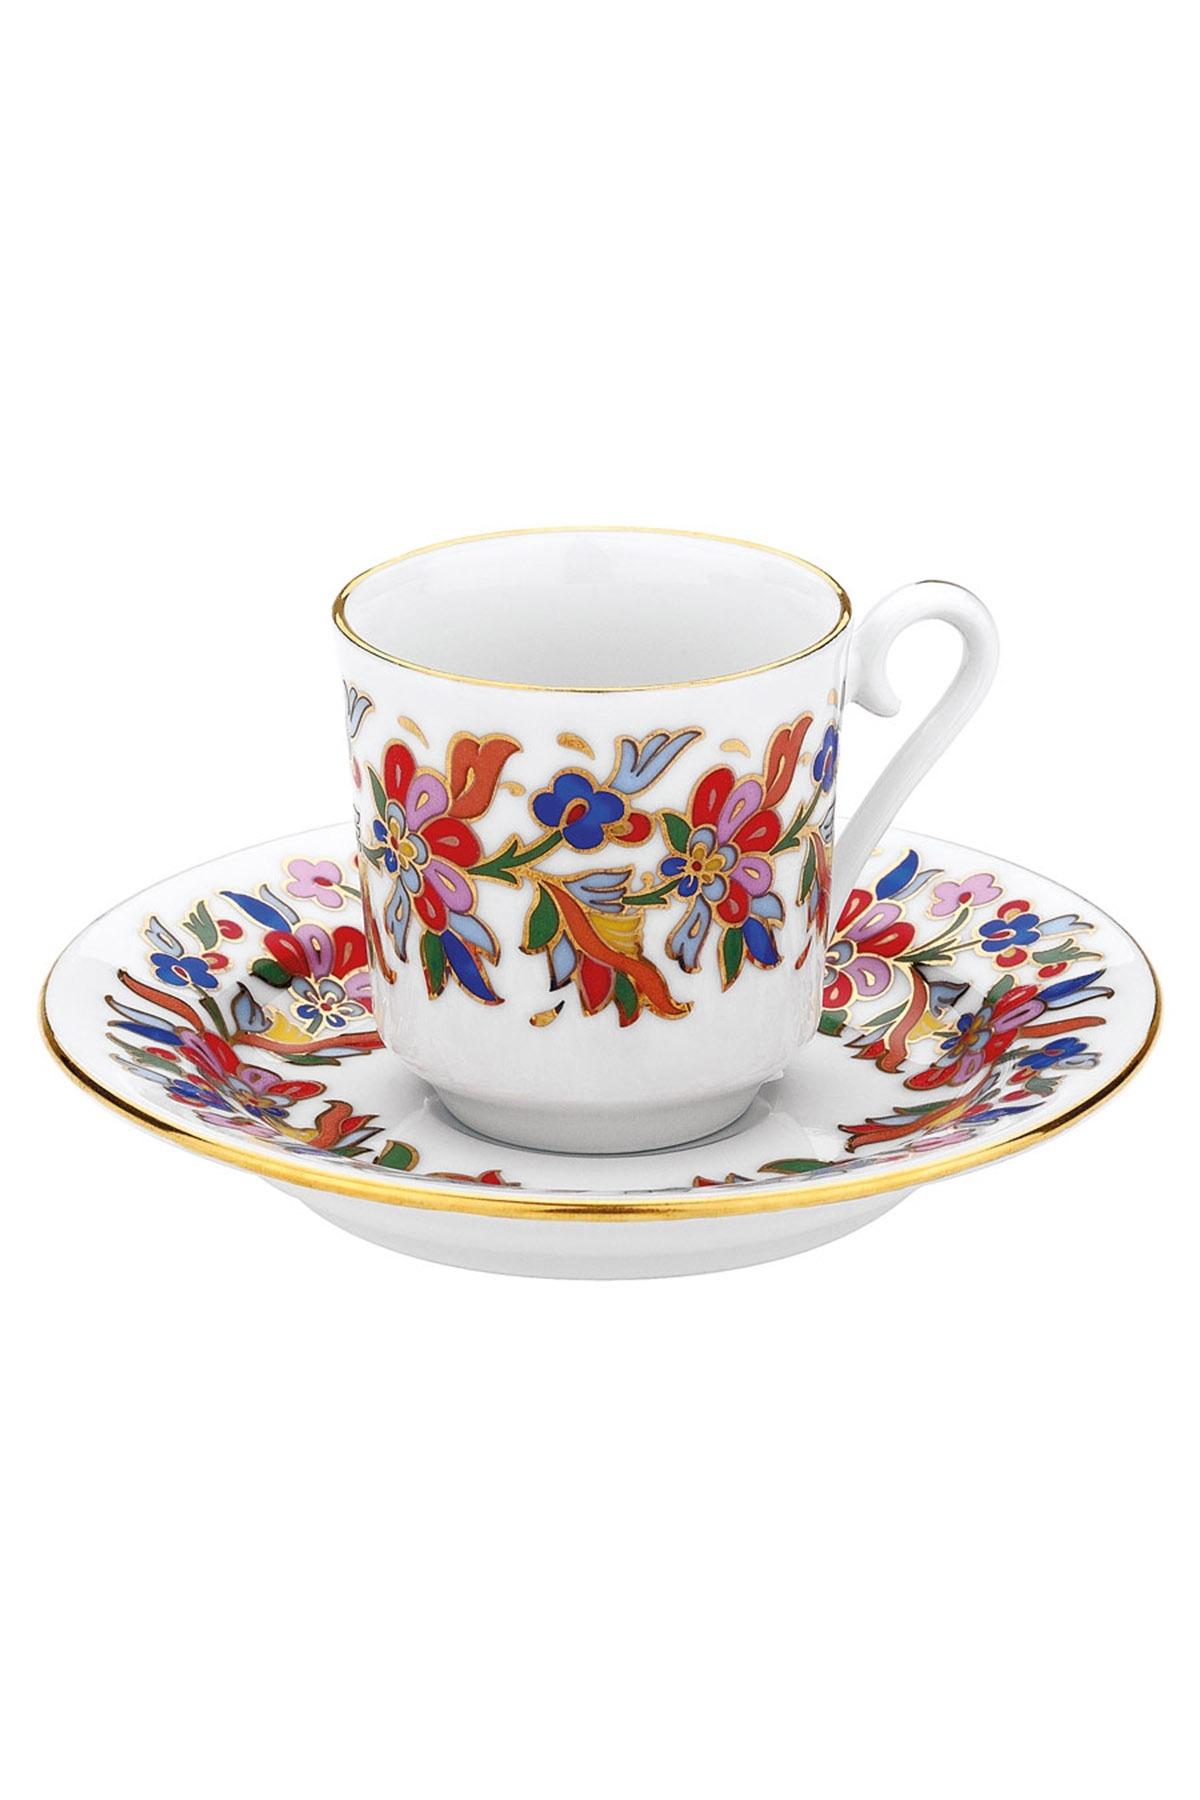 KÜTAHYA PORSELEN - Kütahya Porselen 456 Desen Kahve Fincan Takımı